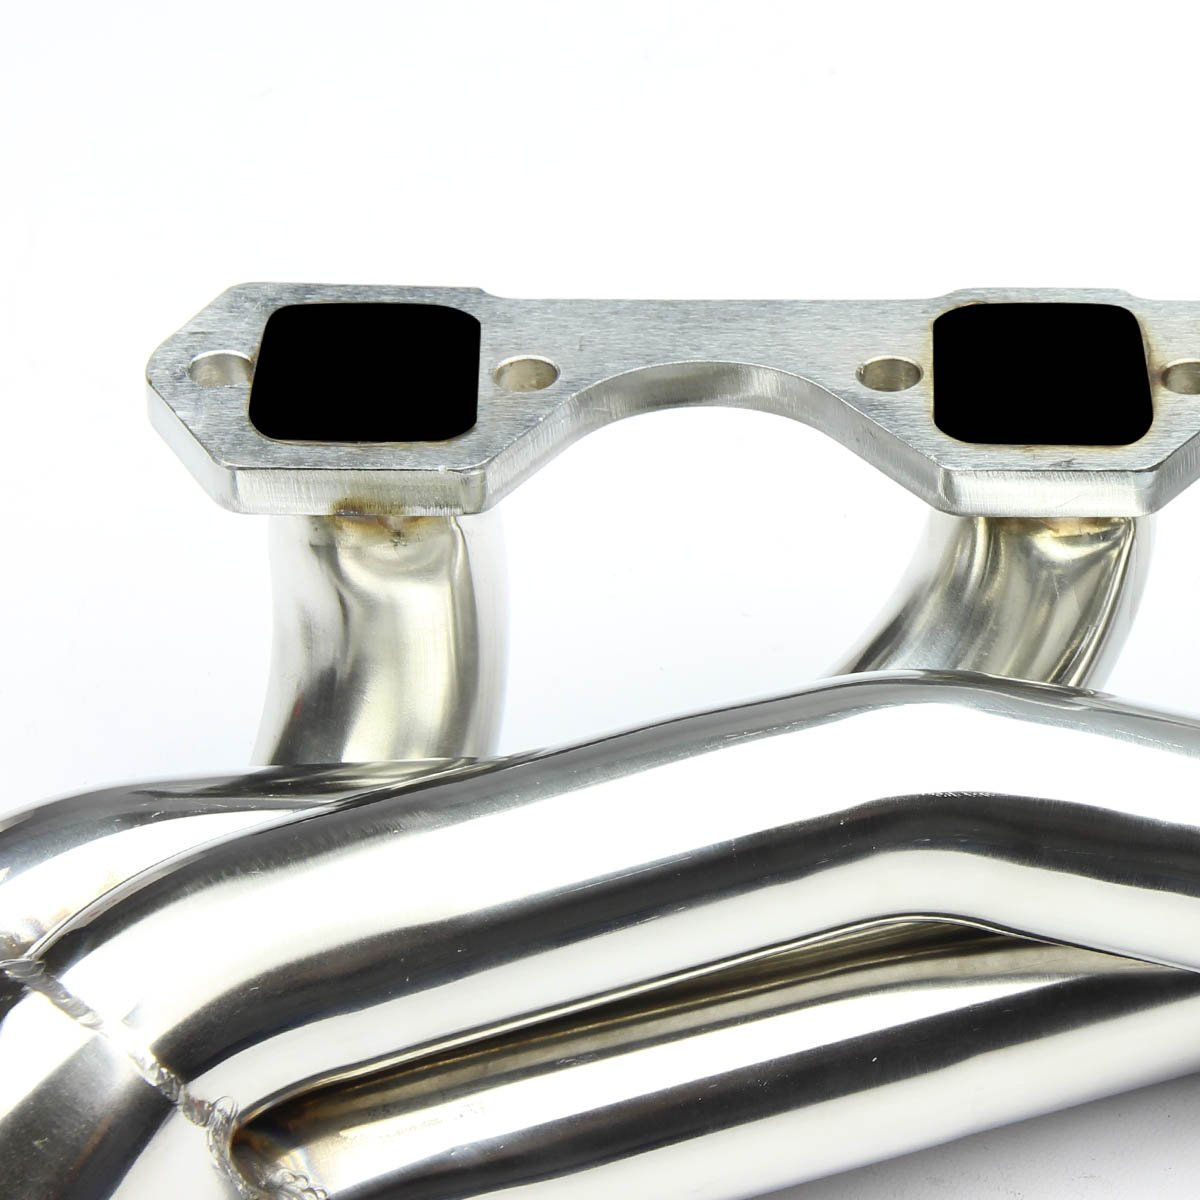 DNA MOTORING HDS-FM9450L-SHORTY HDSFM9450LSHORTY Stainless Steel Exhaust Header Manifold